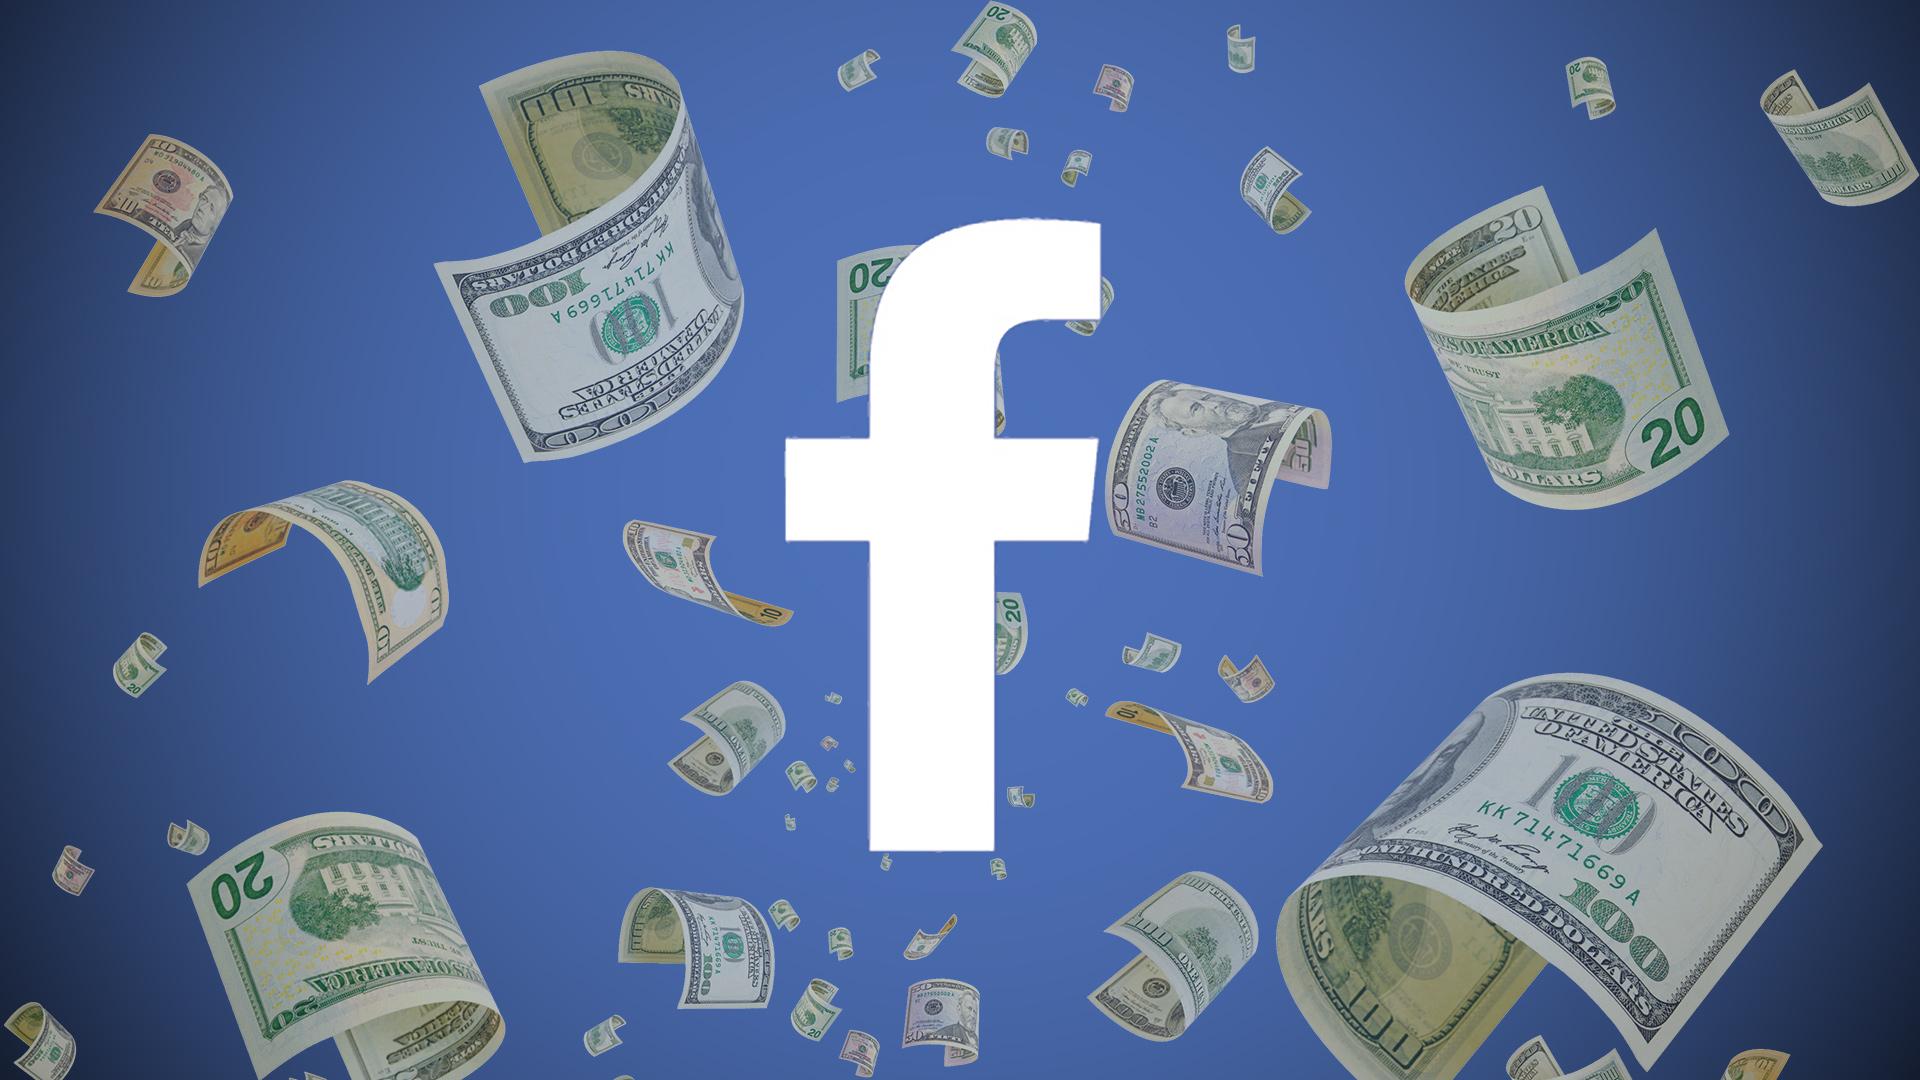 Facebook врывается в блокчейн и криптовалюту: прогноз